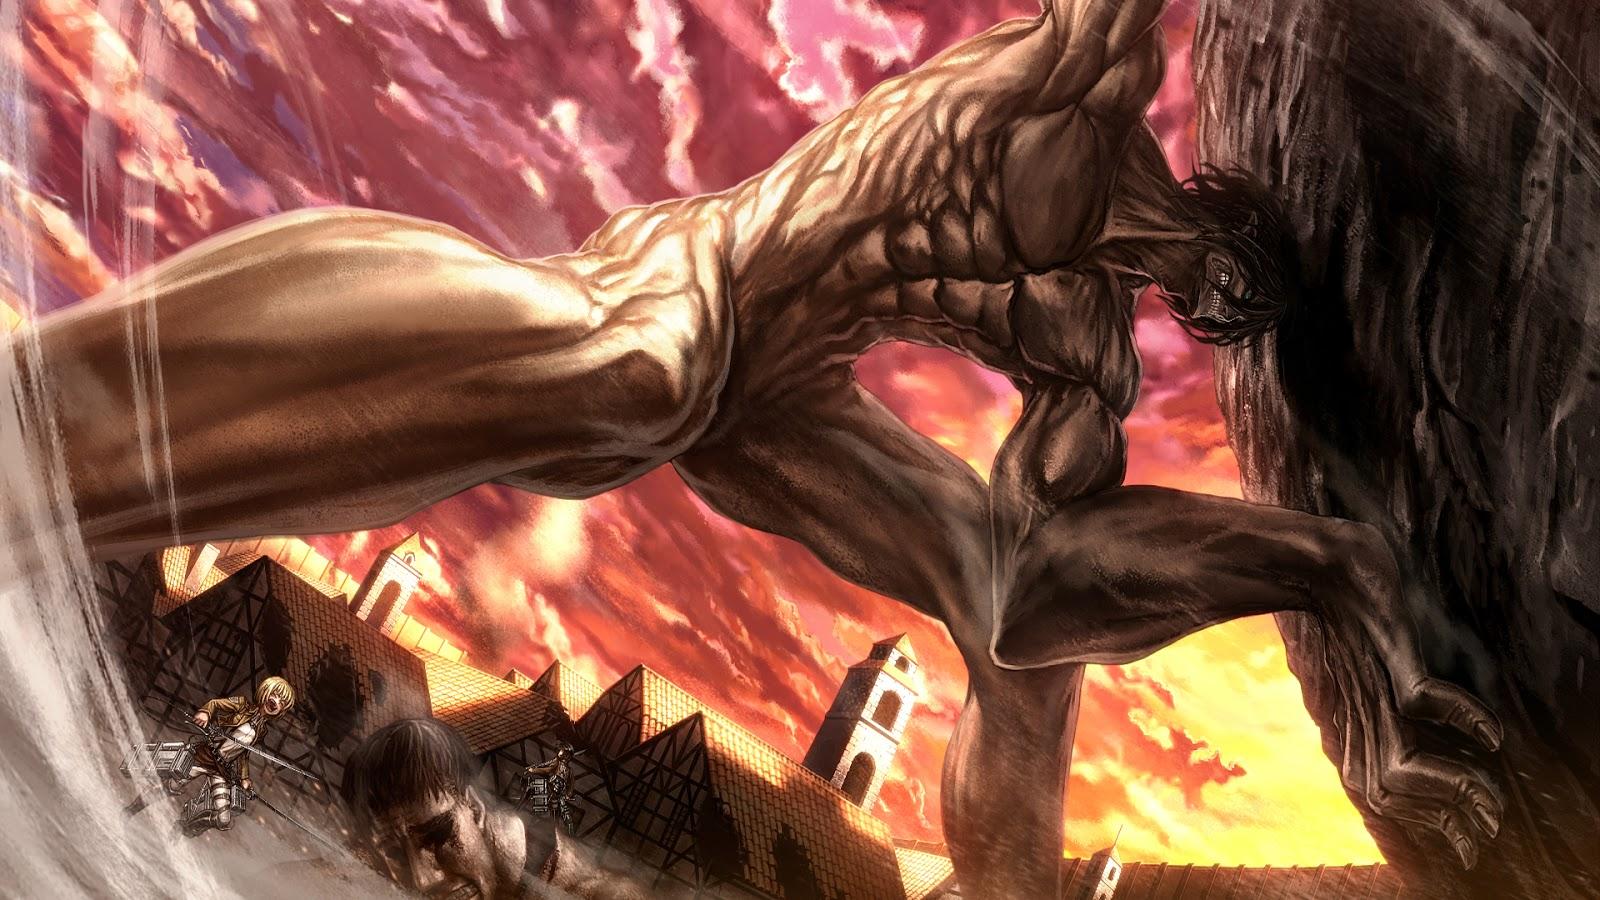 Hd Wallpaper Epic Eren Titan Form Shingeki No Kyojin A111